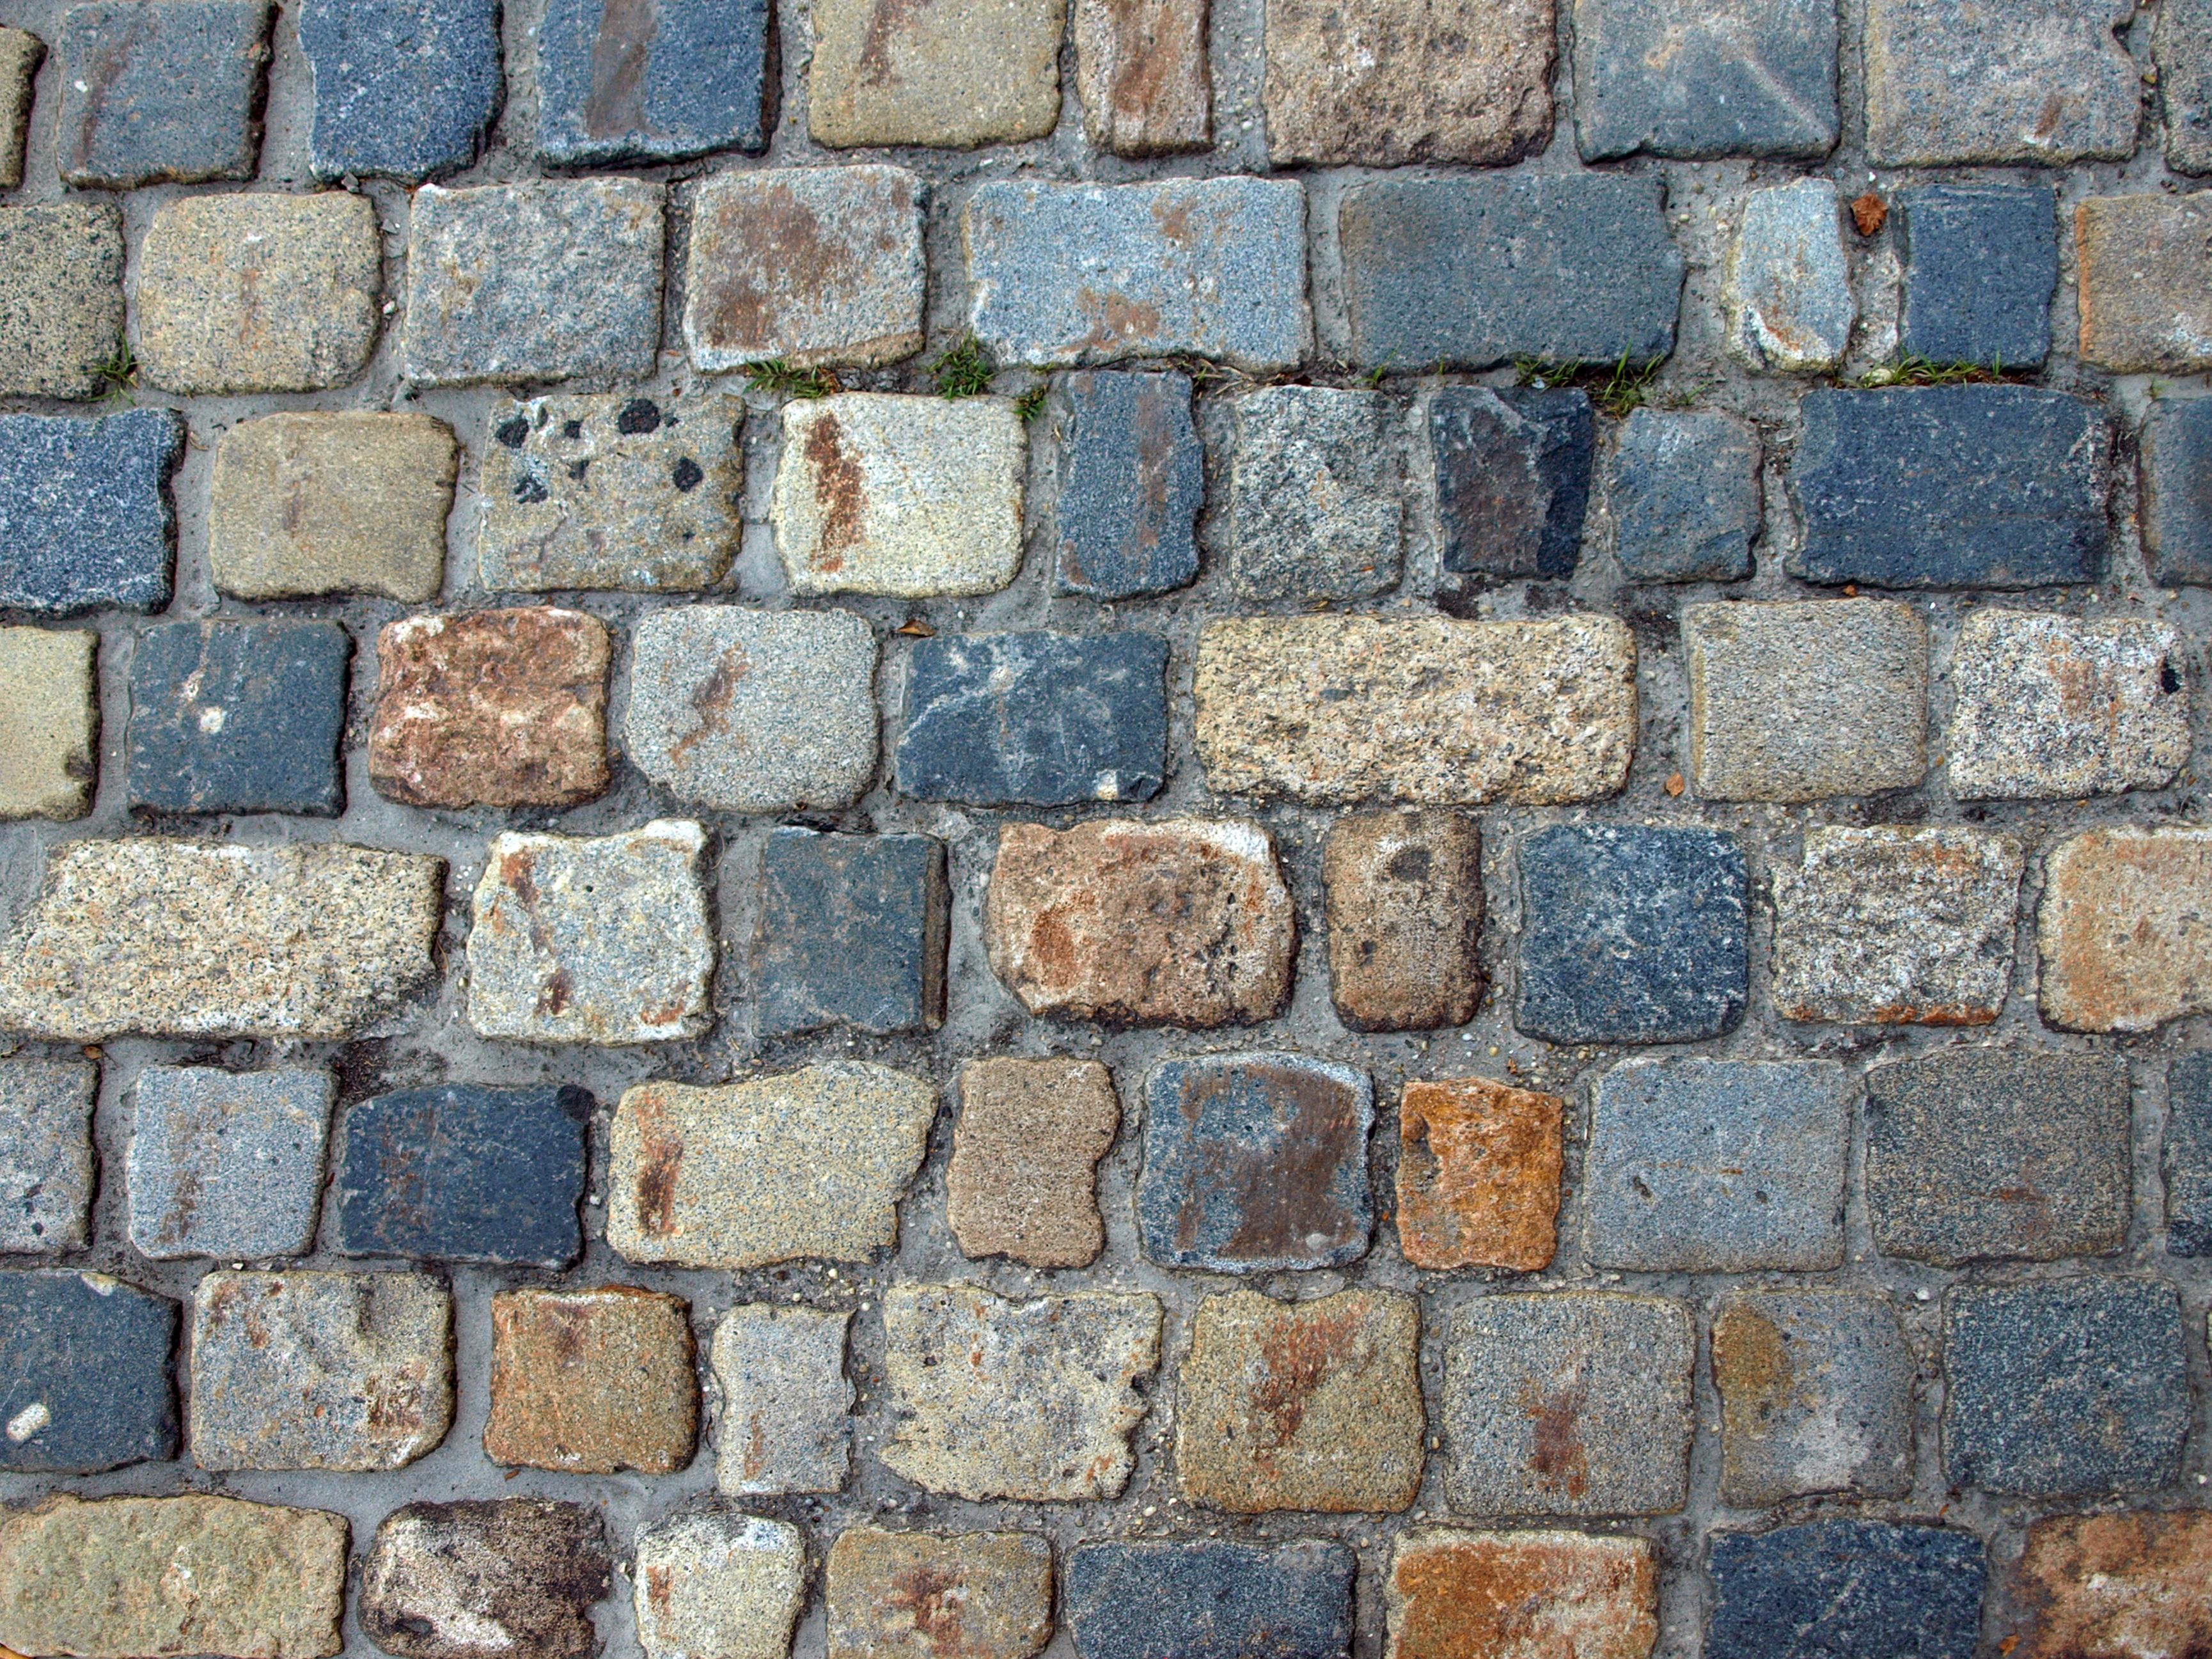 fotos gratis estructura la carretera suelo textura acera piso guijarro ciudad pared pavimento patrn pared de piedra ladrillo material